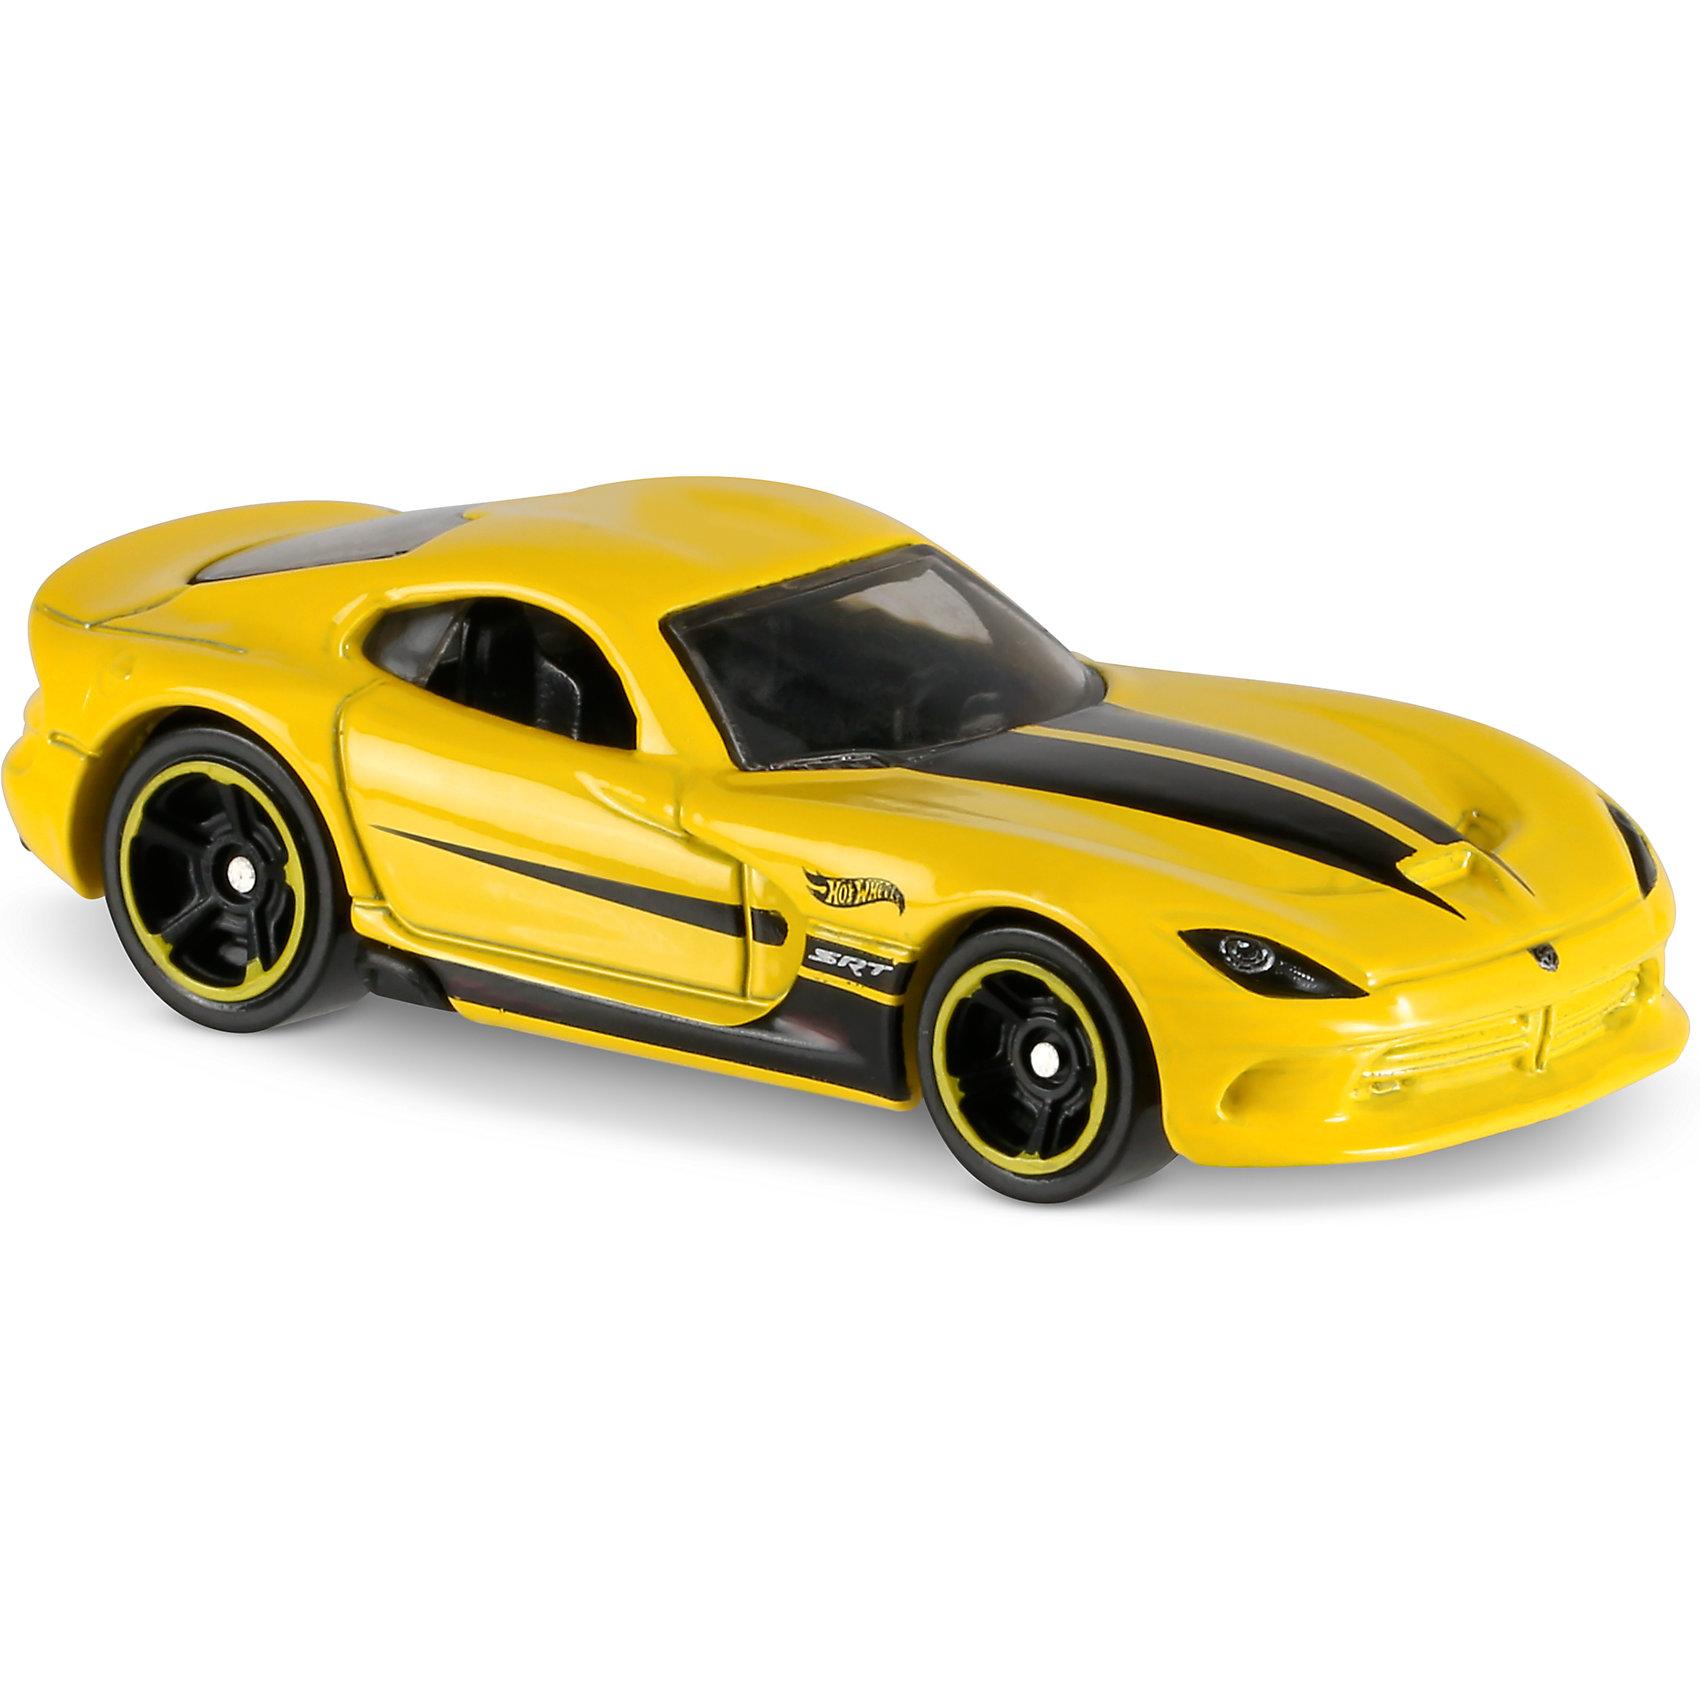 Базовая машинка Hot Wheels, 2013 SRT ViperПопулярные игрушки<br><br><br>Ширина мм: 110<br>Глубина мм: 45<br>Высота мм: 110<br>Вес г: 30<br>Возраст от месяцев: 36<br>Возраст до месяцев: 96<br>Пол: Мужской<br>Возраст: Детский<br>SKU: 7142084